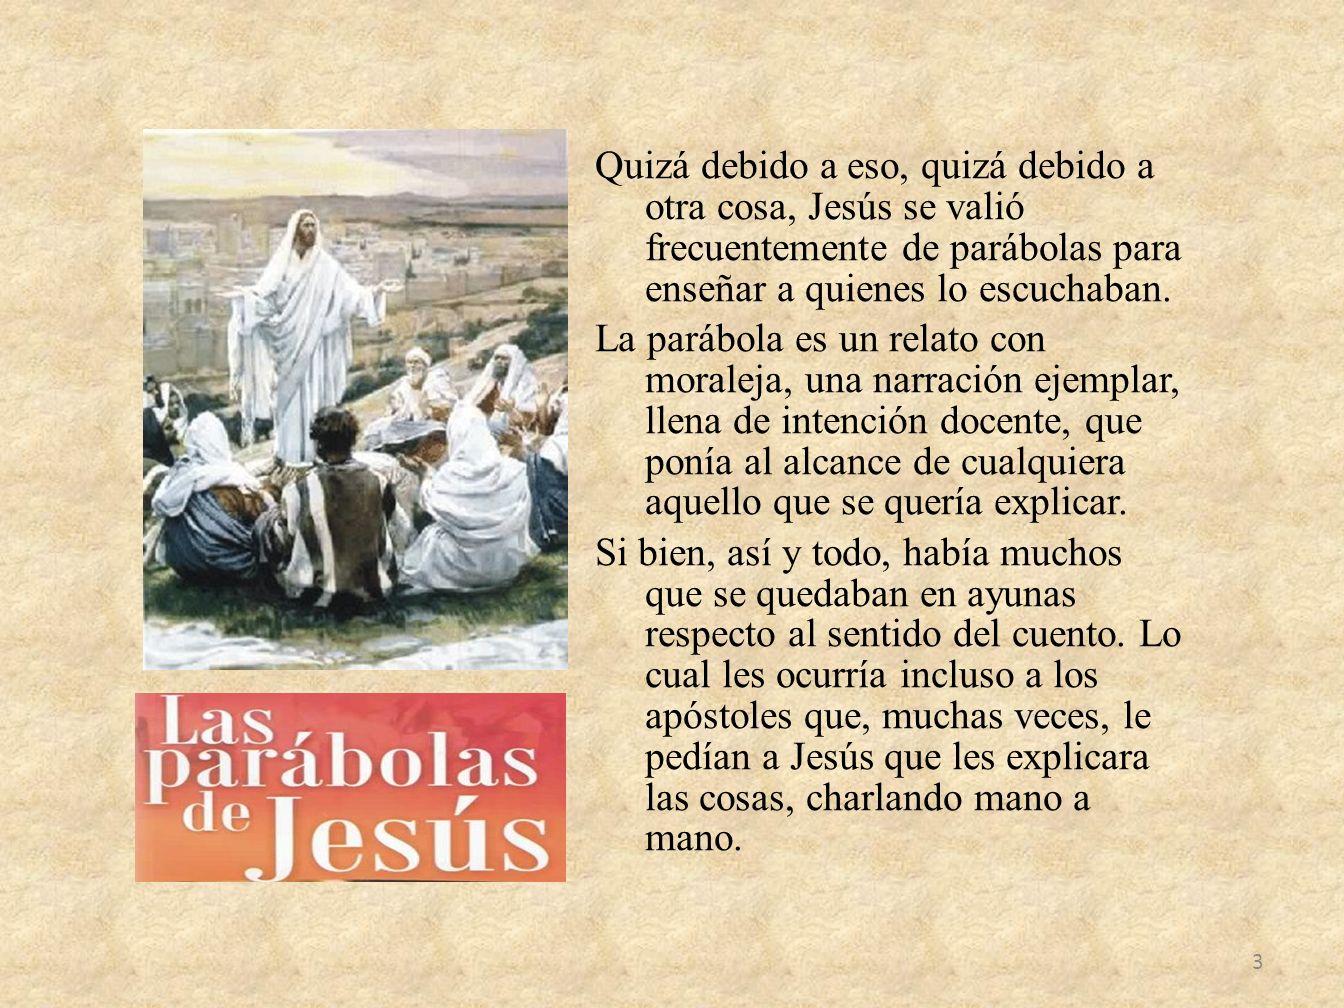 - Los elementos esenciales para celebrar la Eucaristía son el pan de trigo y el vino de vid.